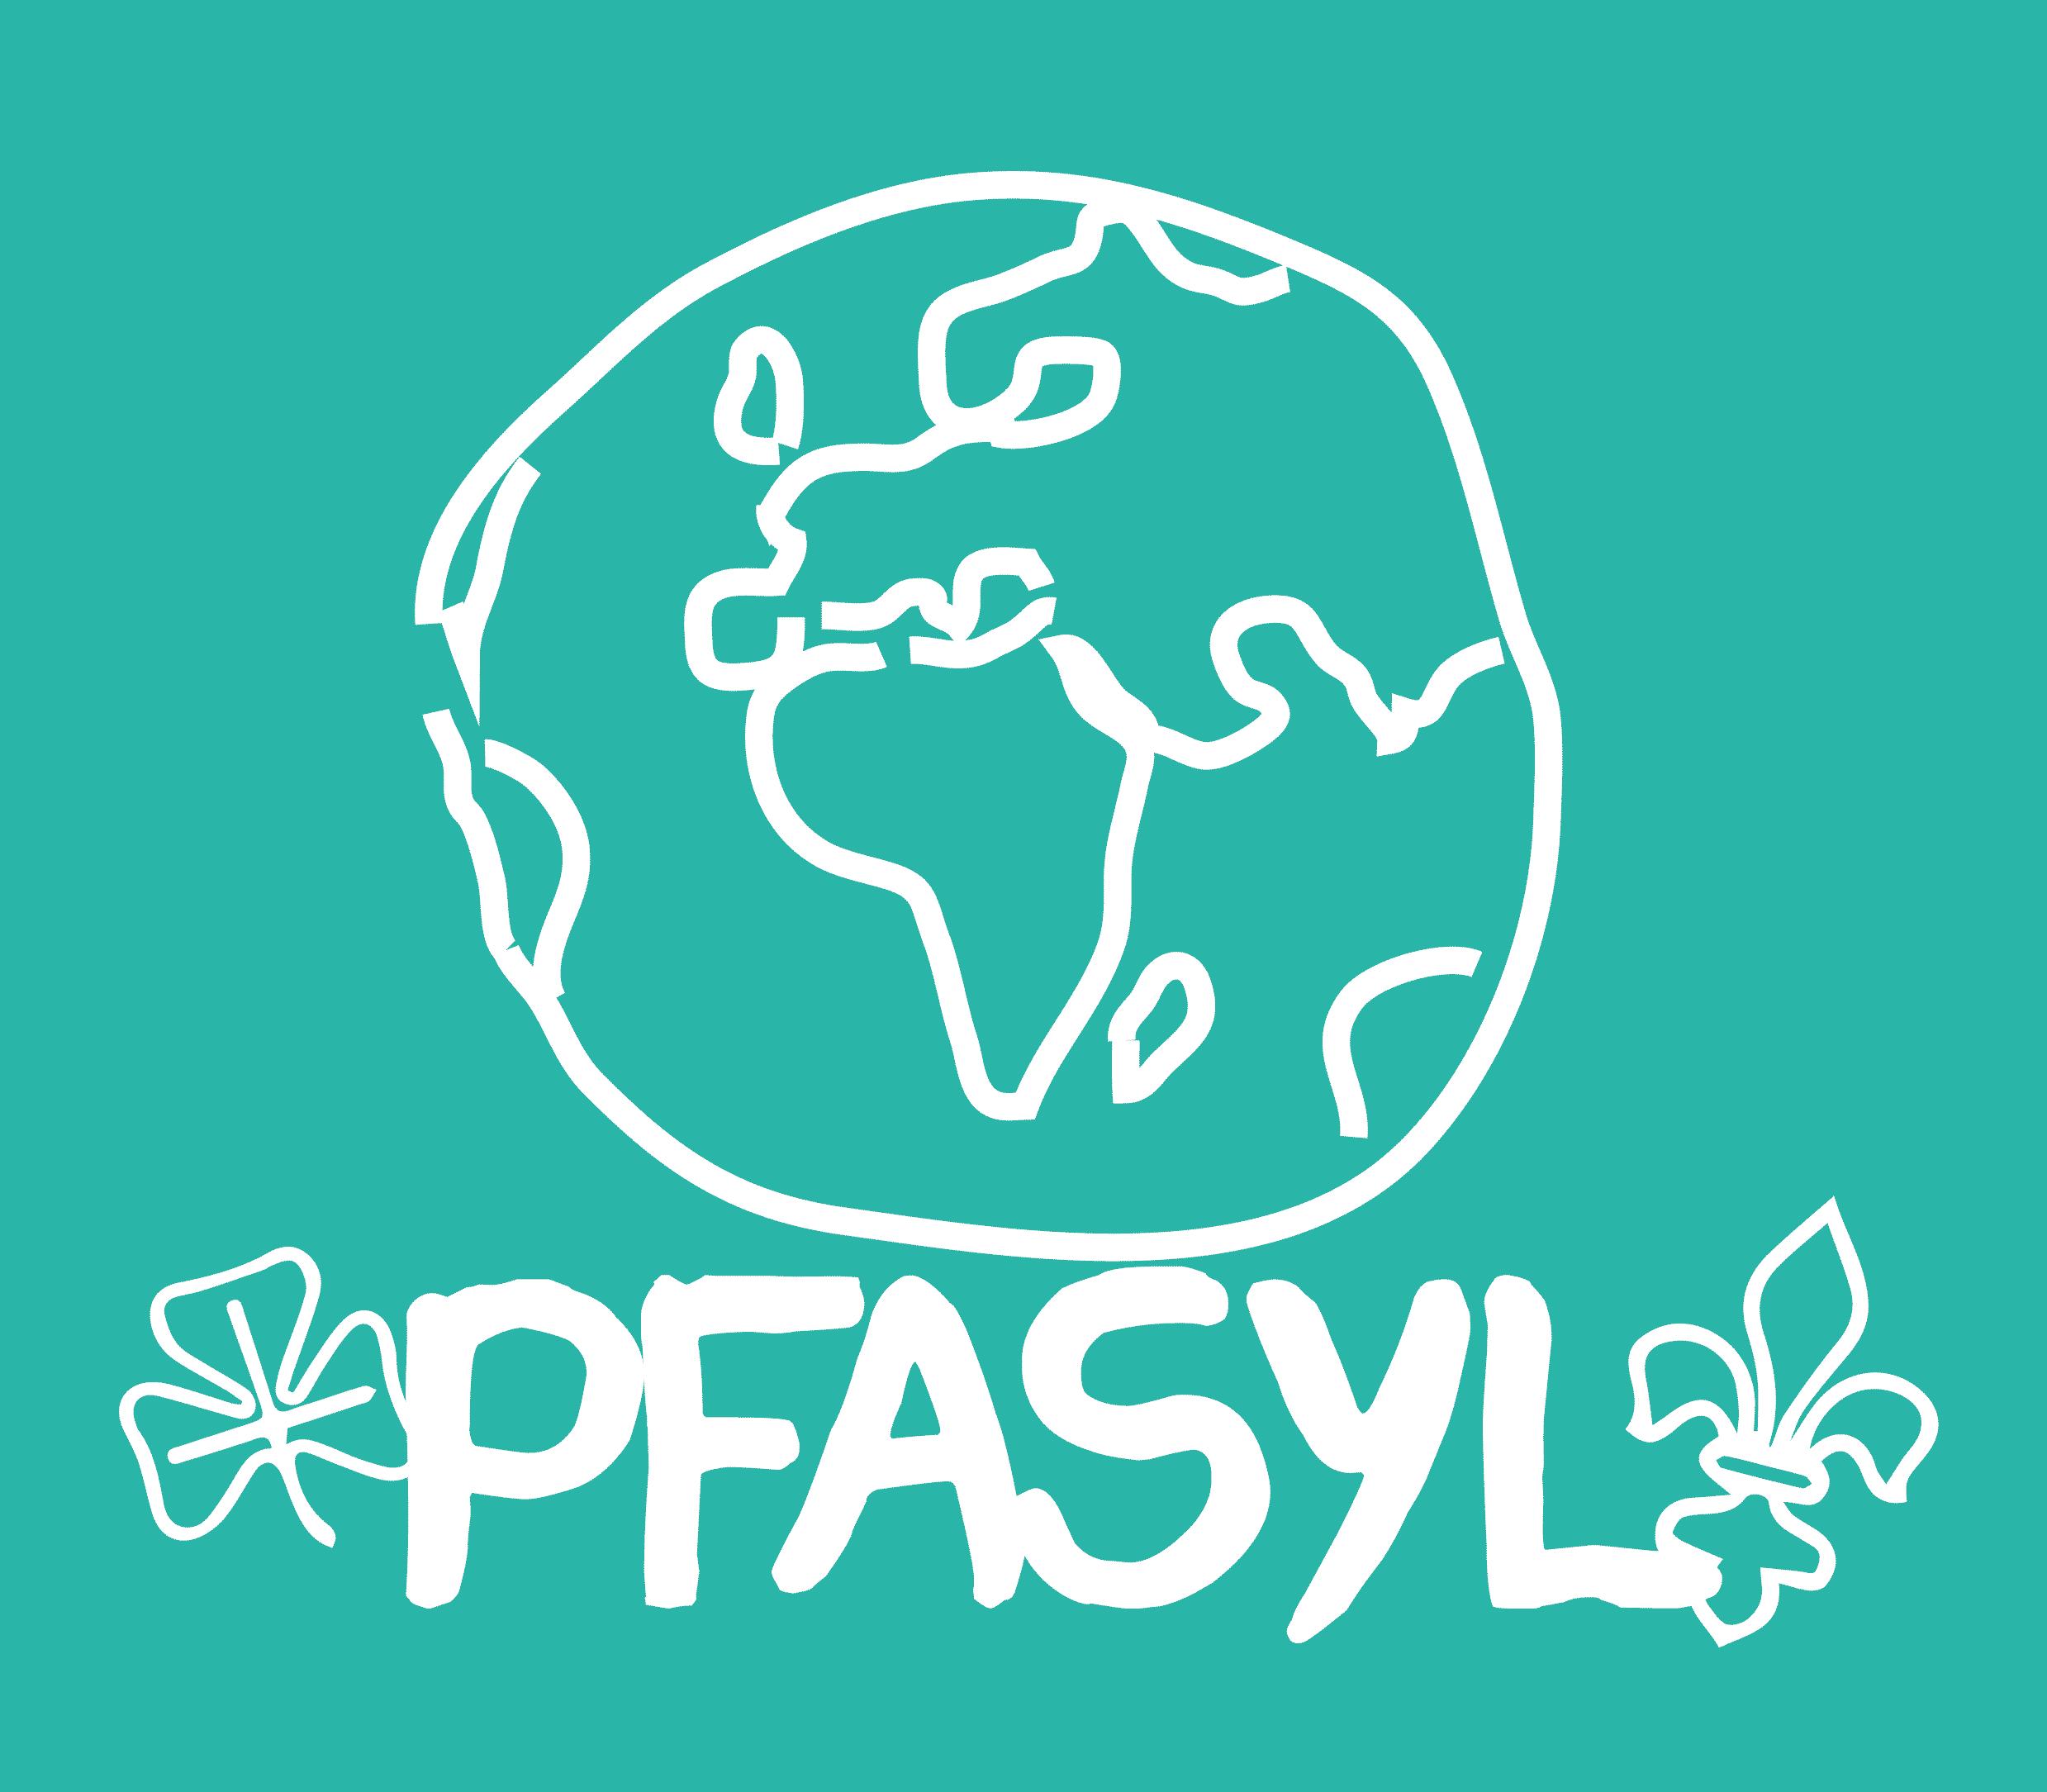 Pfasyl_Logo_gruenlich_froehlich